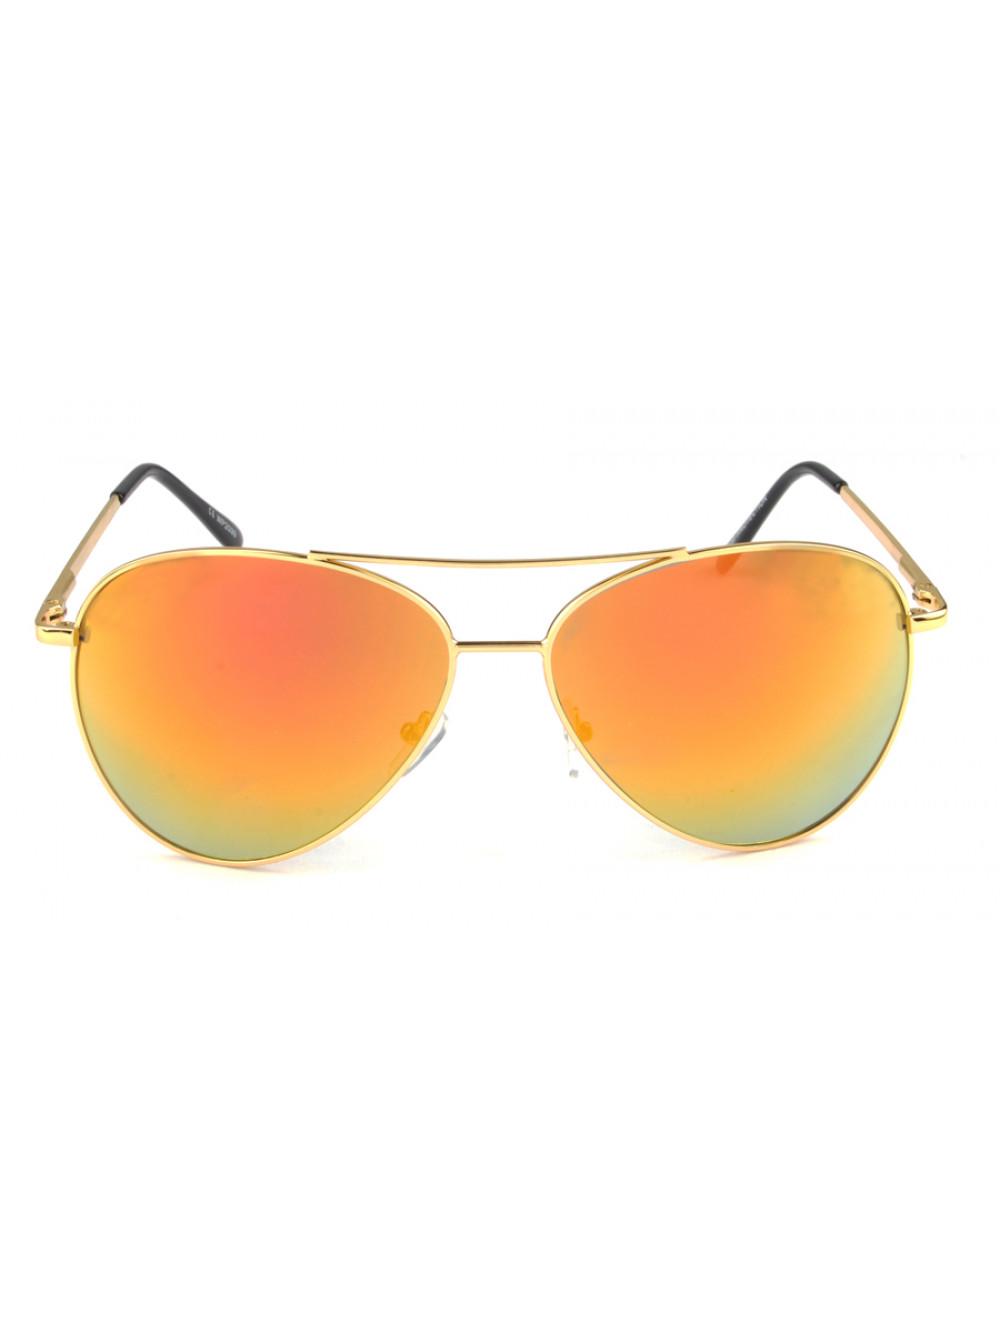 Slnečné okuliare Aviator Pilot Big Red extra veľké e5e62f2775a